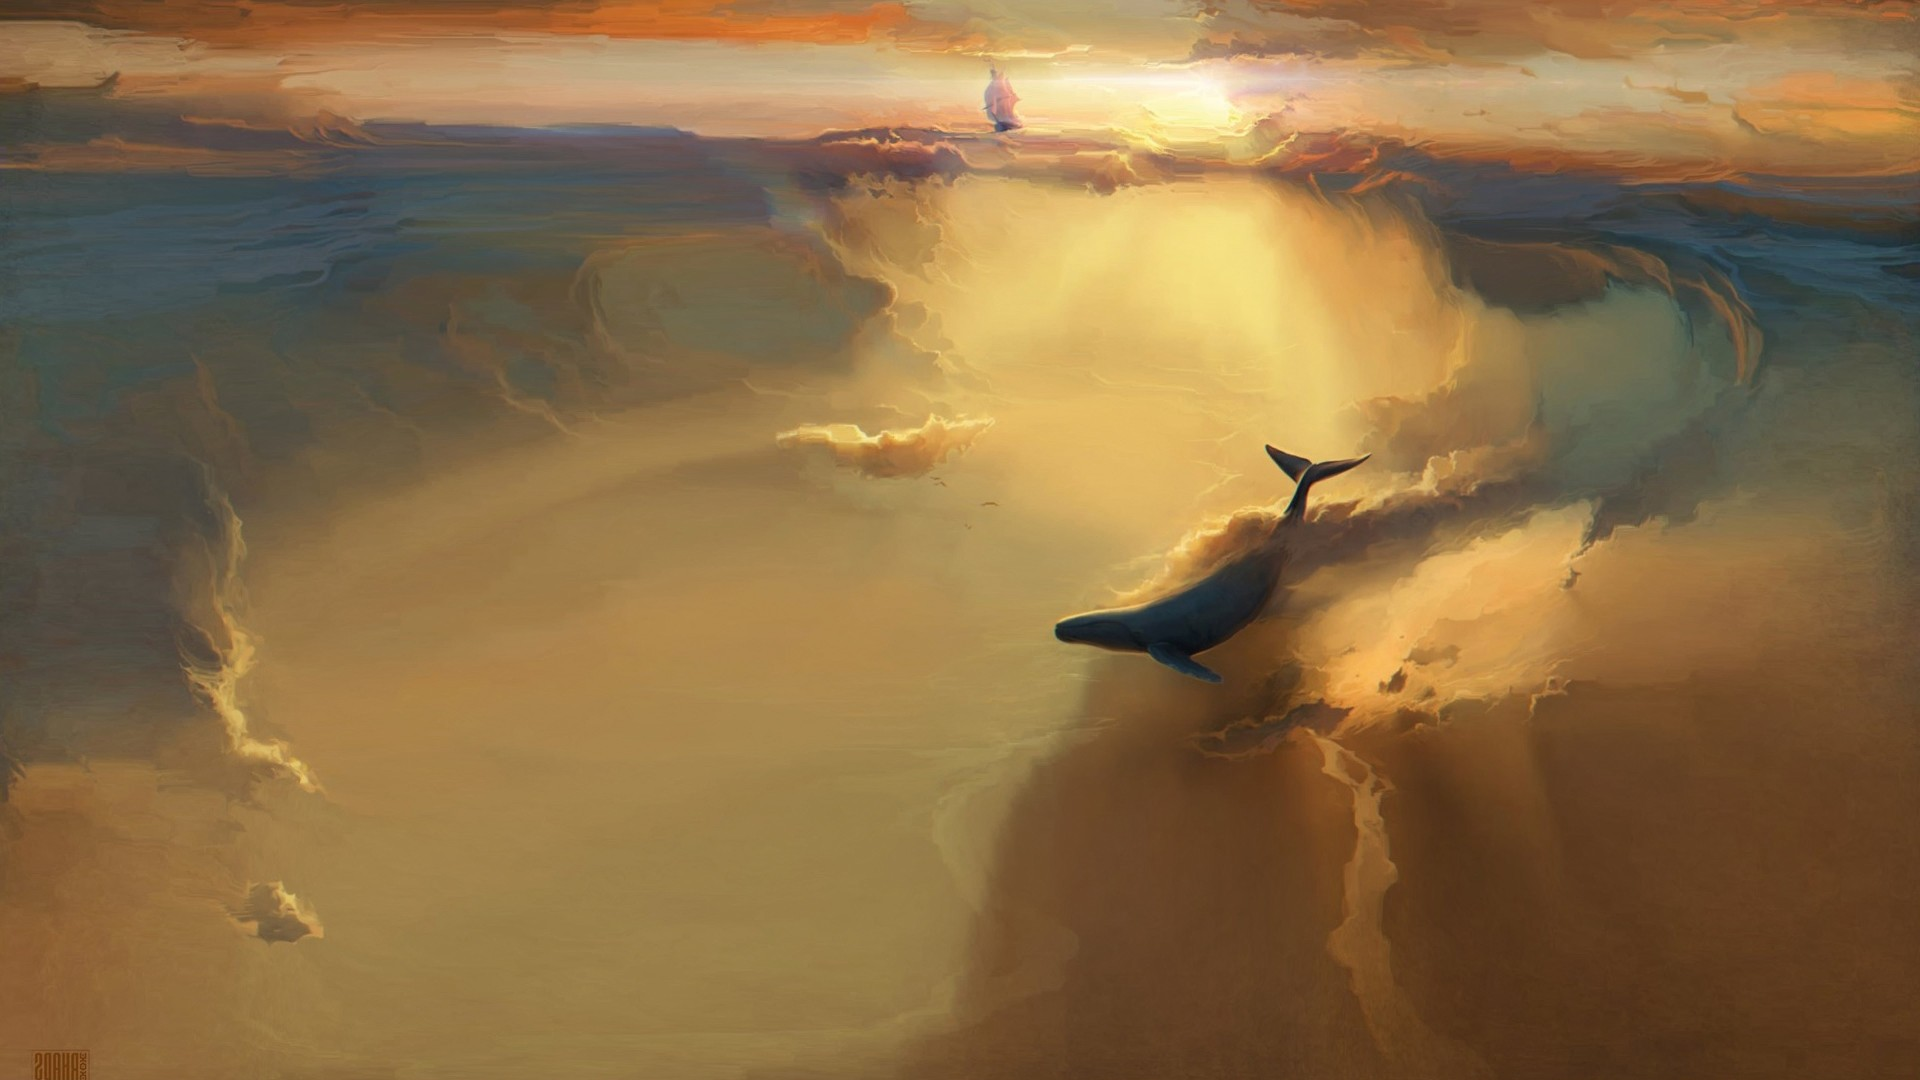 美图,图片,创意 几张和航海有关的创意图片 云中帆船和海豚.jpg